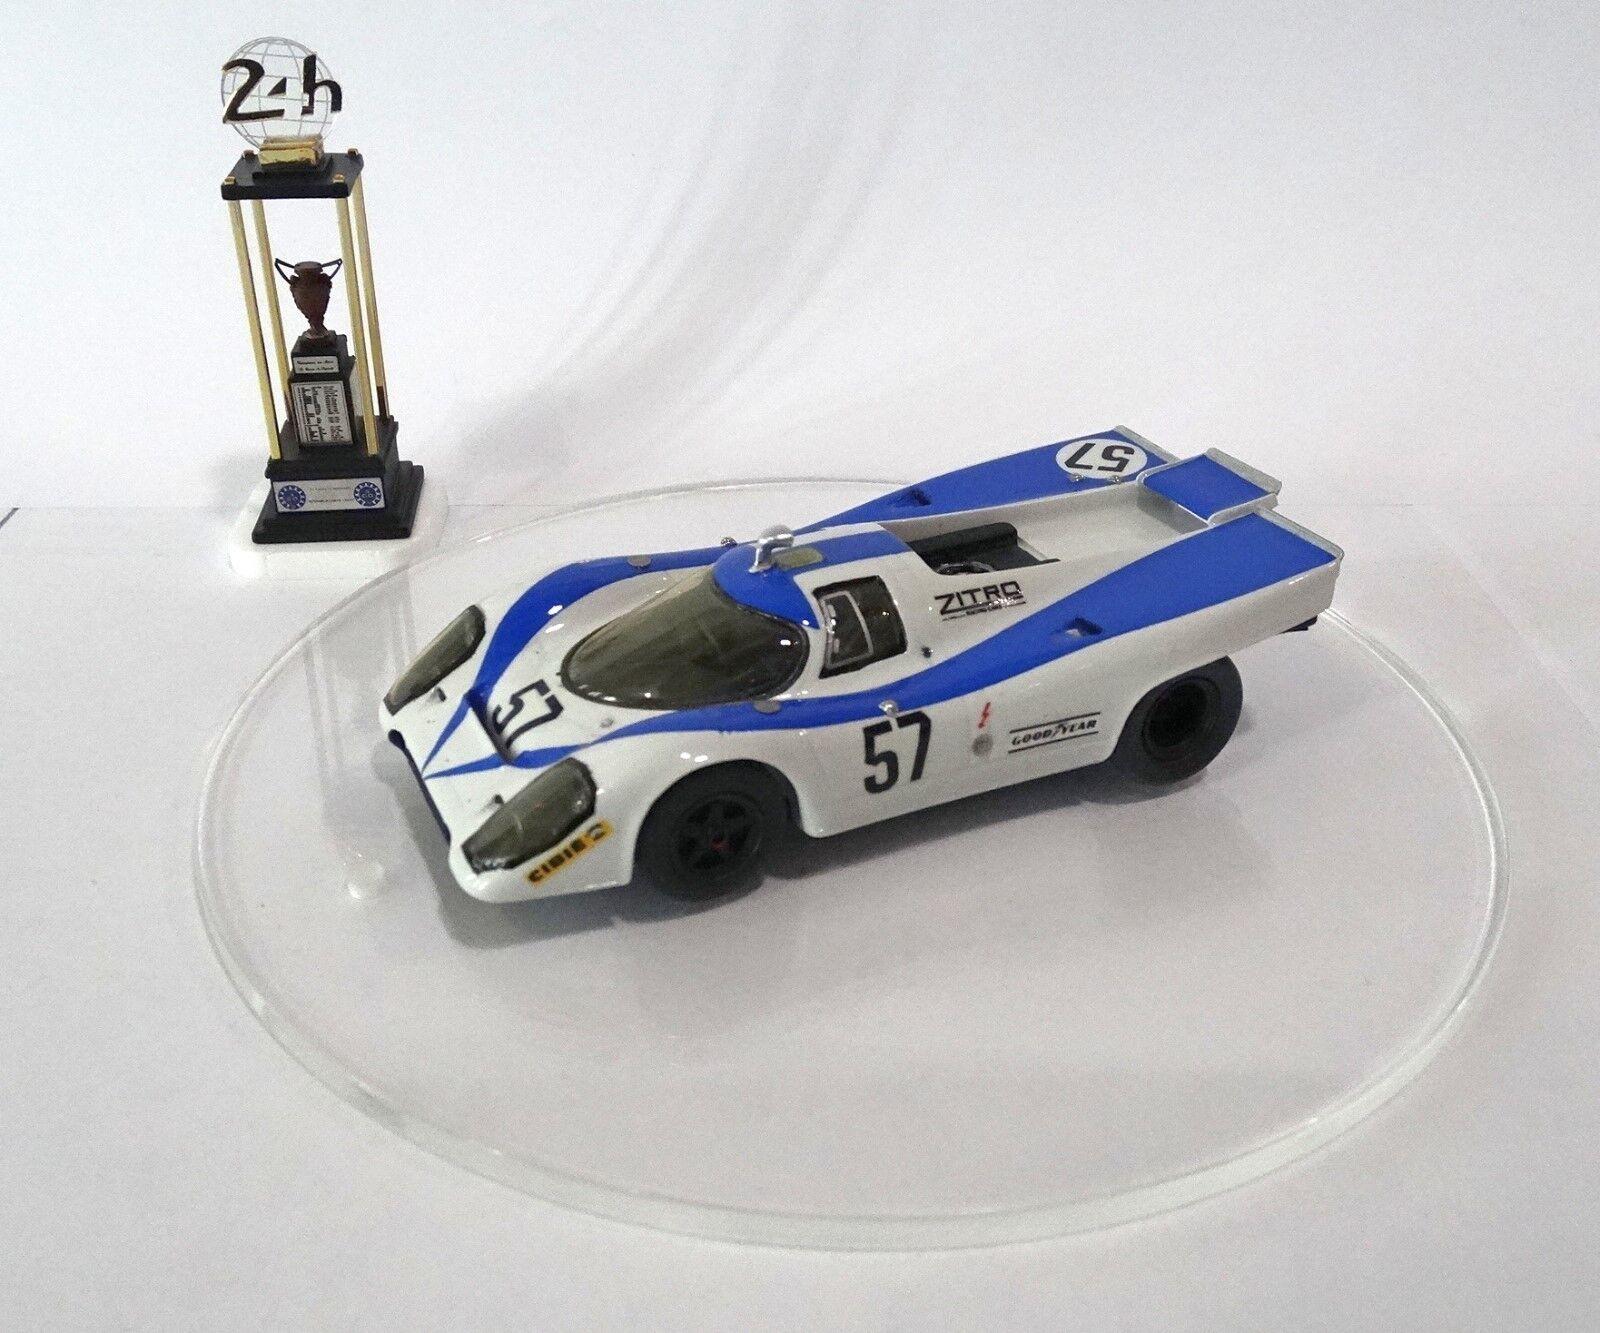 Porsche 917 K Le Mans 1971 Built Balloon Kit 1 43 No Spark minichamps